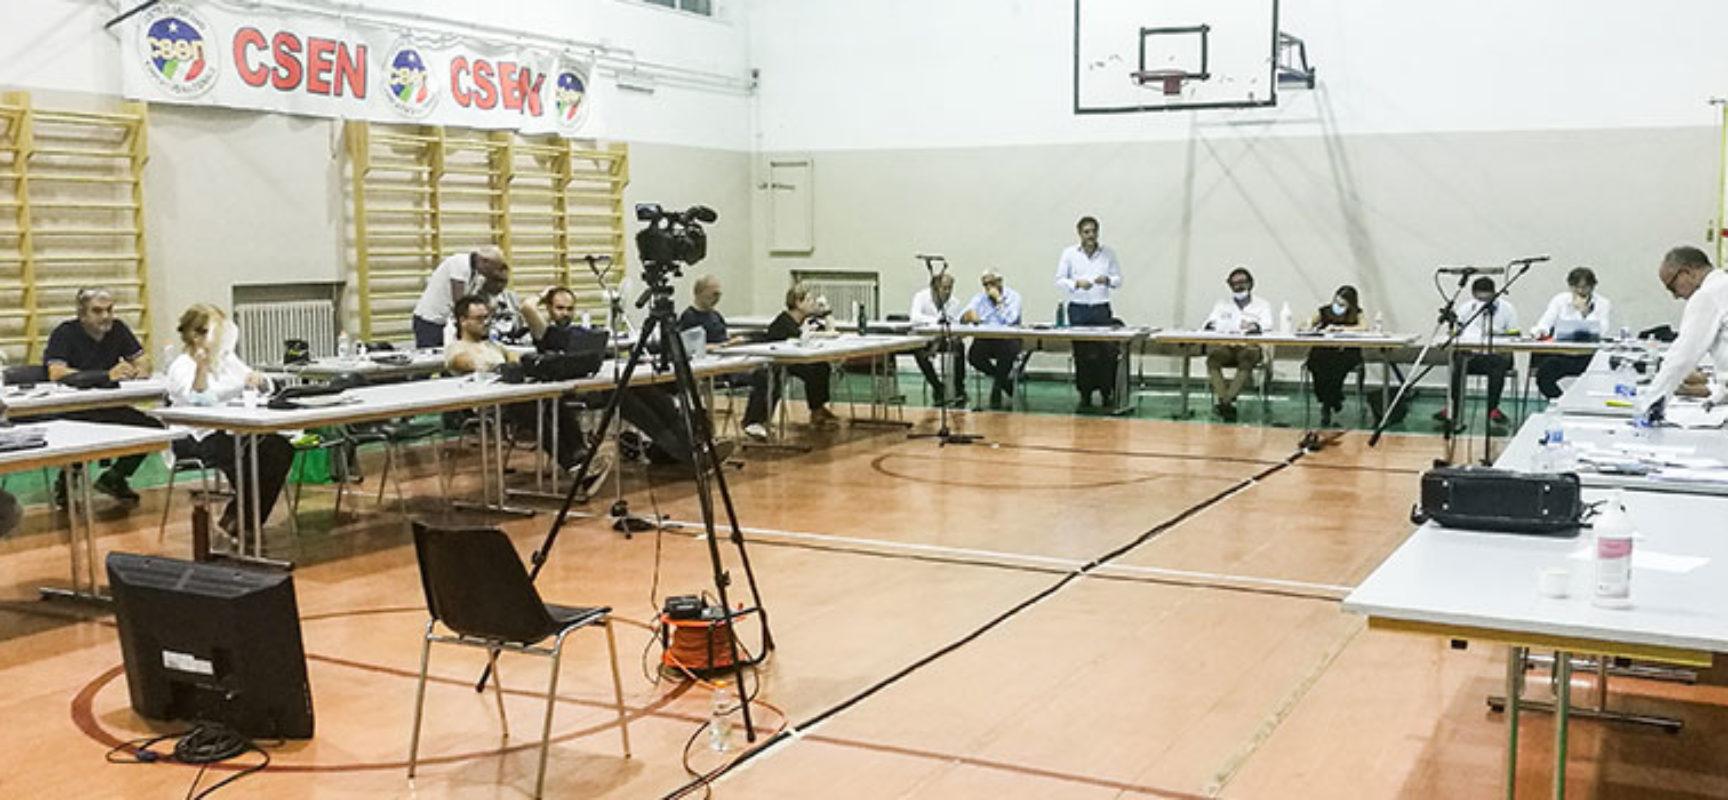 Convocato consiglio comunale: otto i punti all'ordine del giorno / DETTAGLI